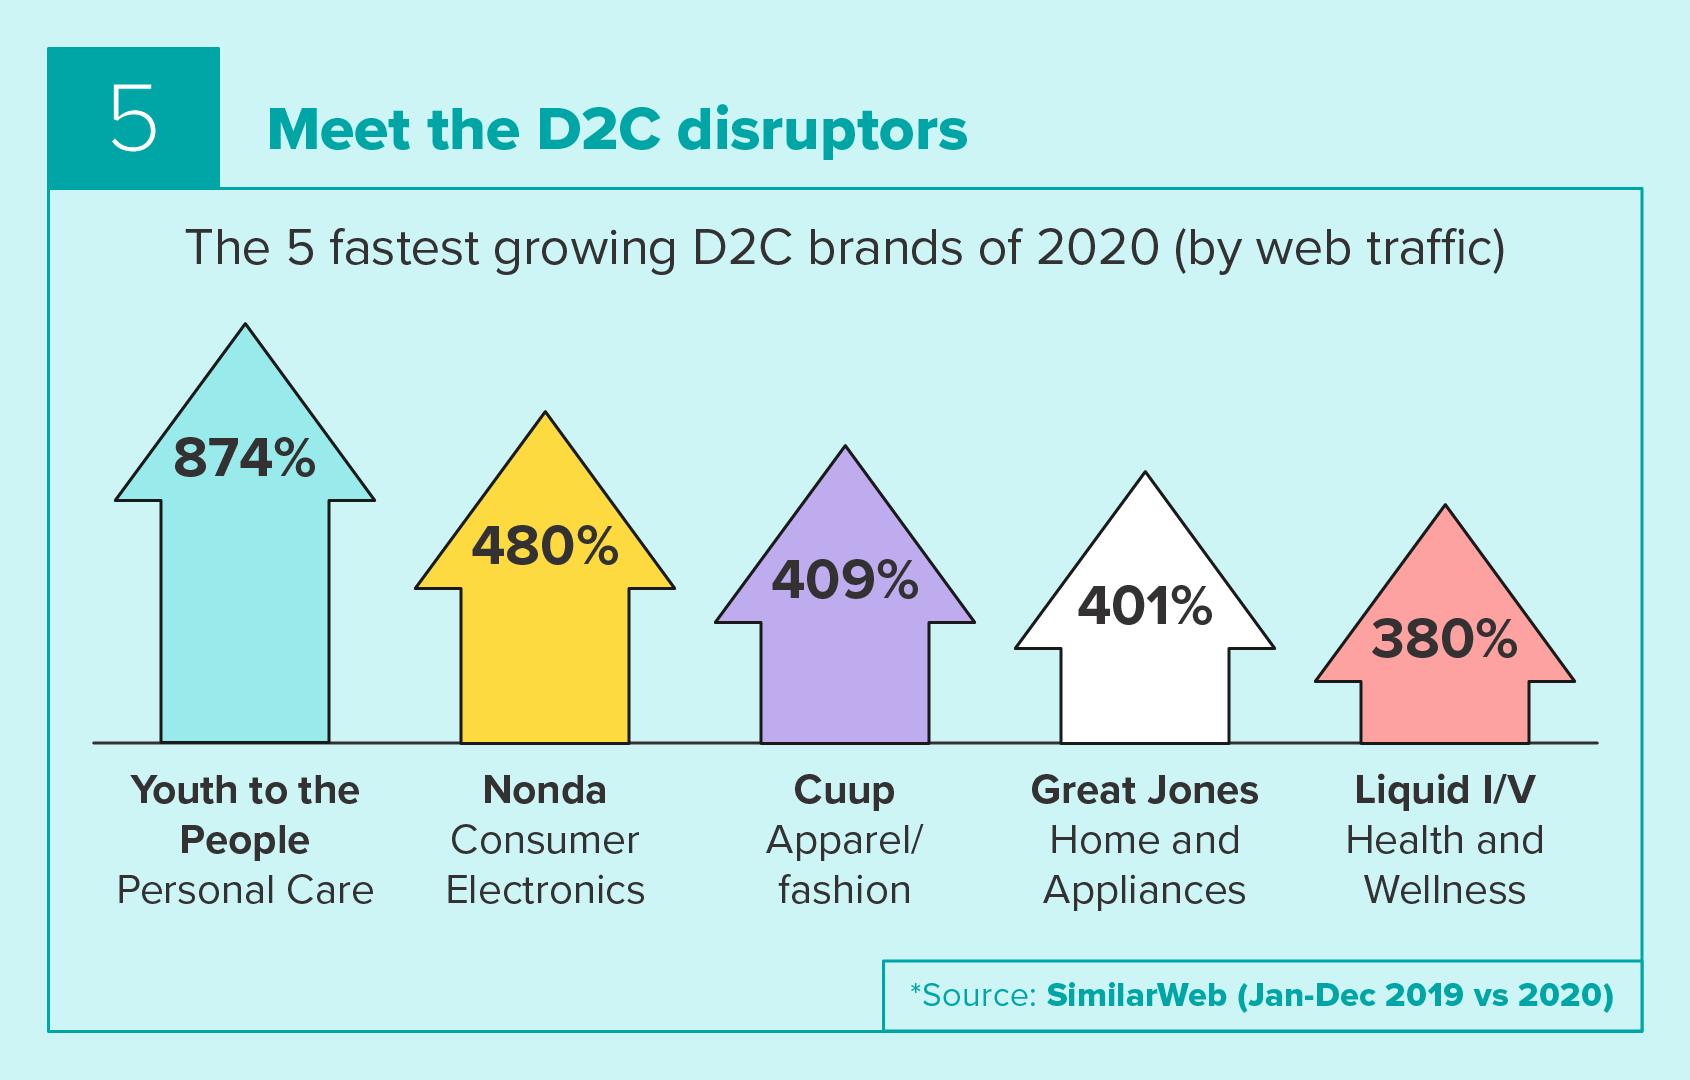 Meet the D2C disruptors